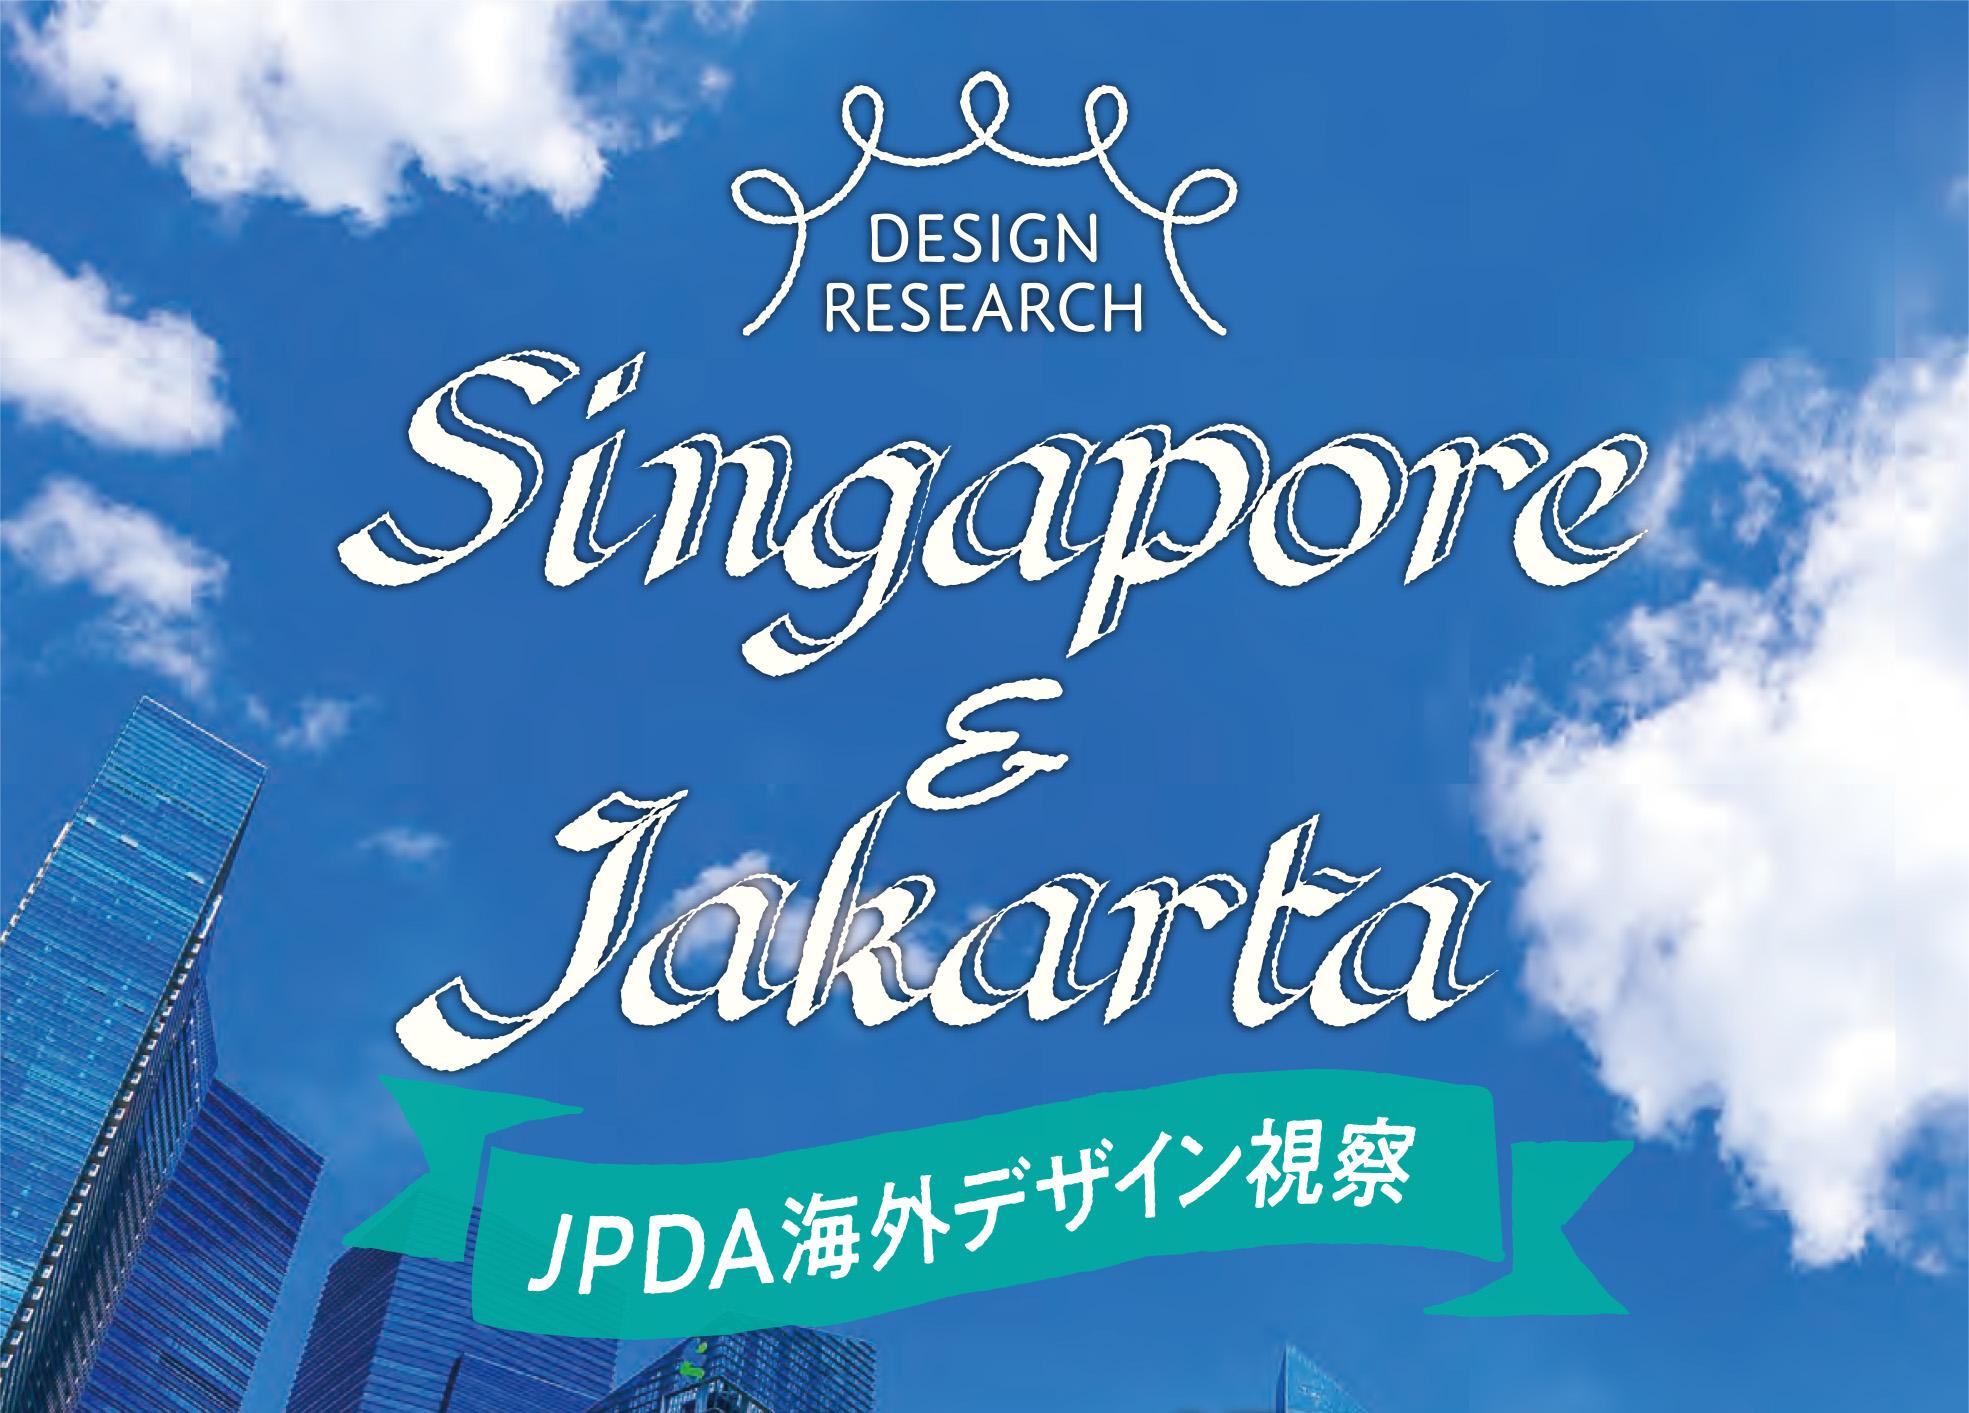 JPDA海外デザイン視察  Singapore & Jakartaのイメージ